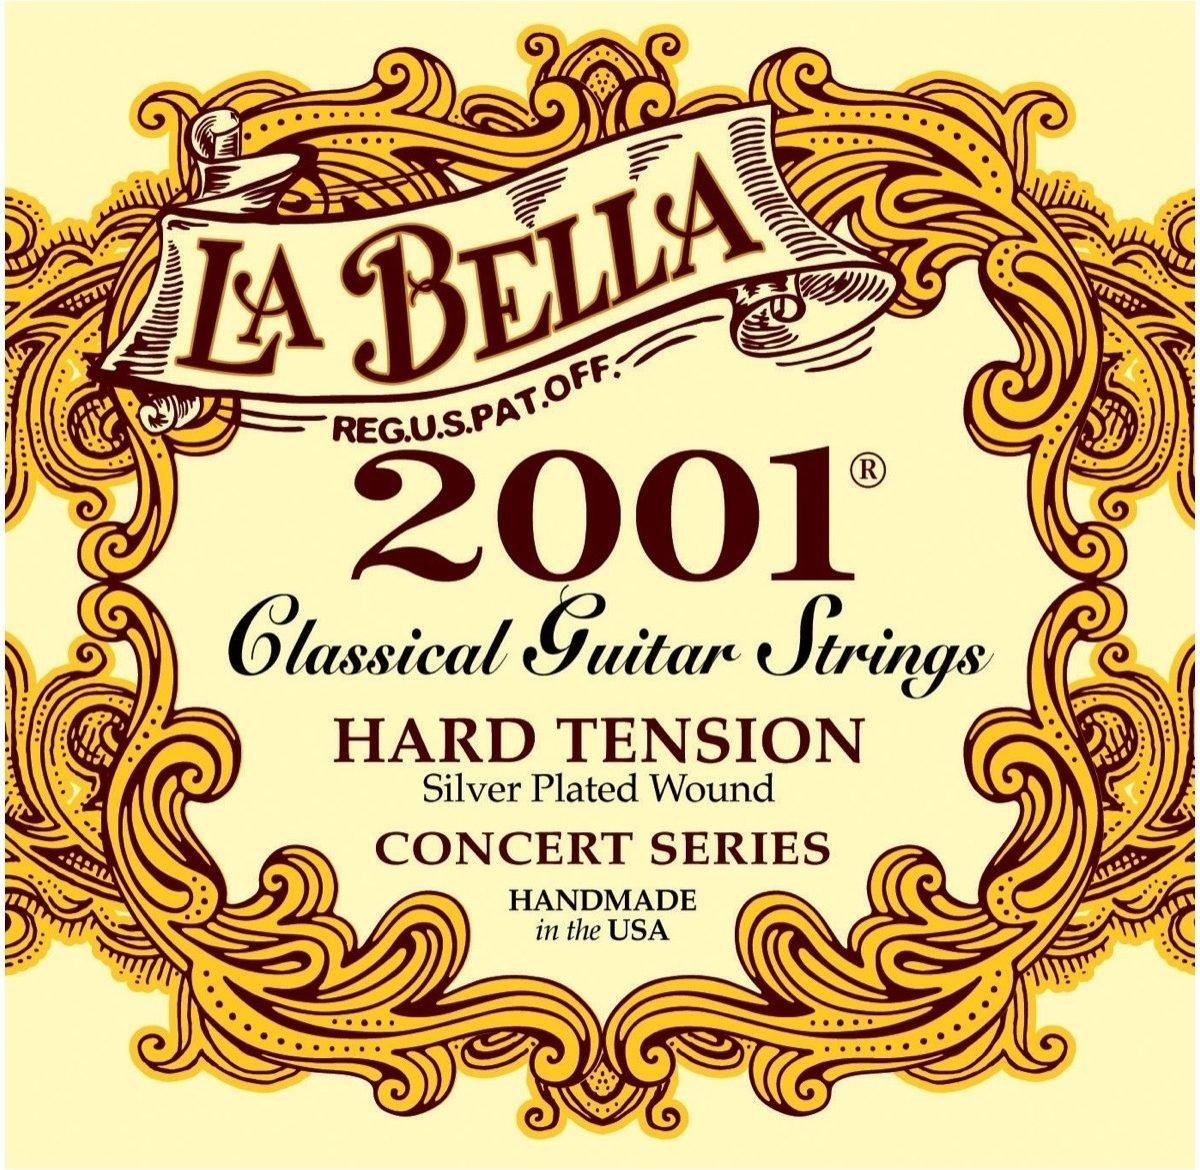 La Bella Classical 2001 Hard